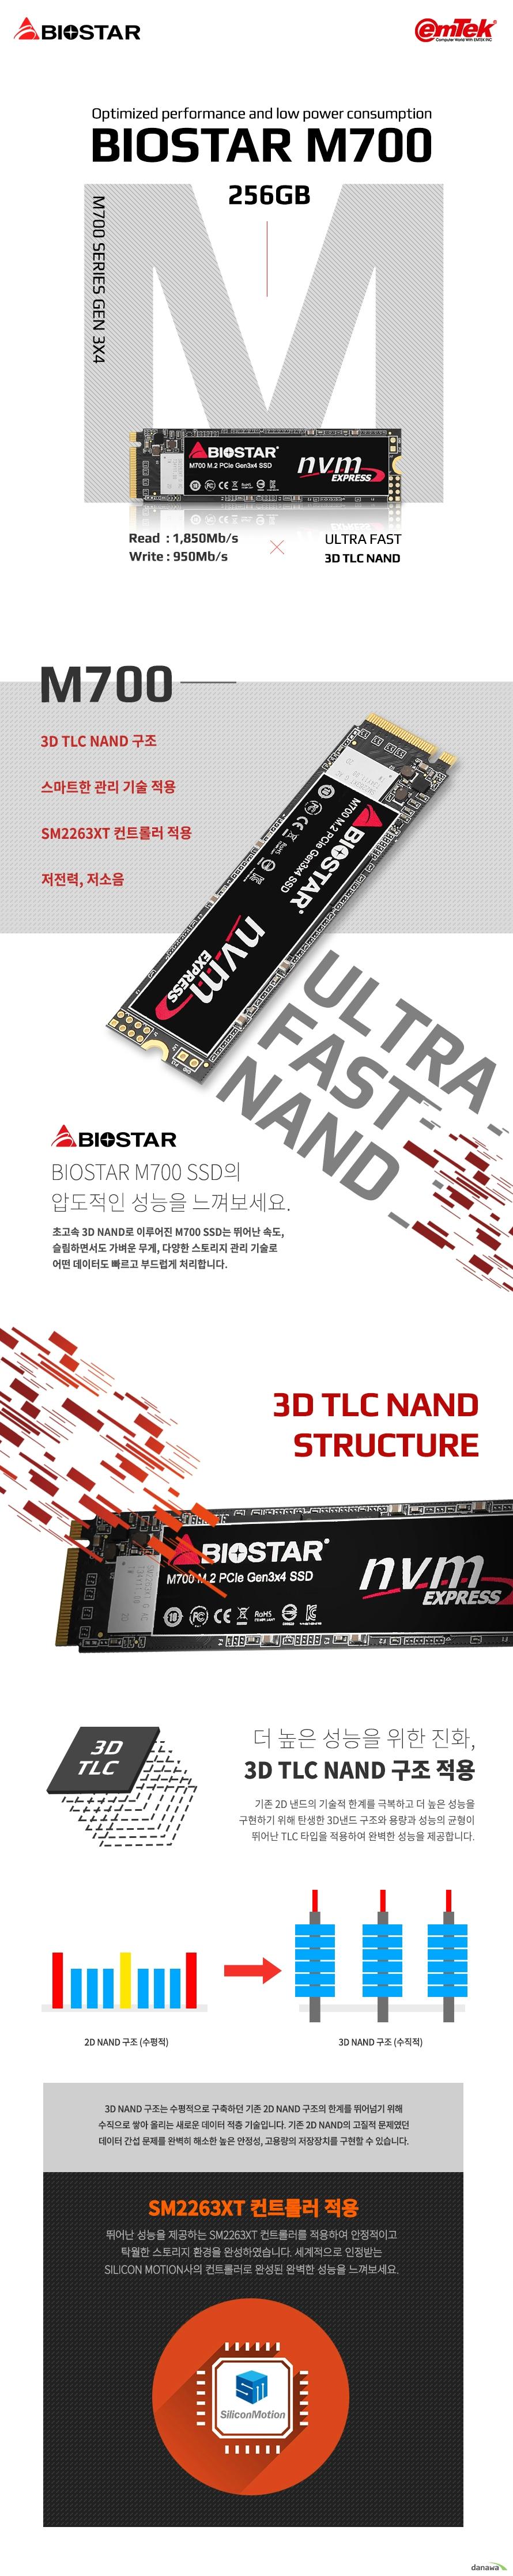 이엠텍 BIOSTAR M700 (256GB)  제품 상세 정보  용량 256GB 인터페이스 PCIE GEN3x4 낸드 종류 3D TLC 낸드 플래시 컨트롤러 SM2263XT  제품 성능 읽기 최대 1850MB/S 쓰기 최대 950MB/S  작동 온도 0도에서 영상 70도까지  정격 전압 DC 3.3V  제품 특징 TRIM S.M.A.R.T WEAR LEVELING 기술 적용 제품 크기 길이 80 밀리미터 넓이 22 밀리미터 두께 2.25 밀리미터  충격 저항 1500G 진동 저항 7~800헤르츠  전력 소모   사용시 4와트 대기시 0.5와트  제품 무게 9그램 제품 보증 3년 무상보증 KC인증번호